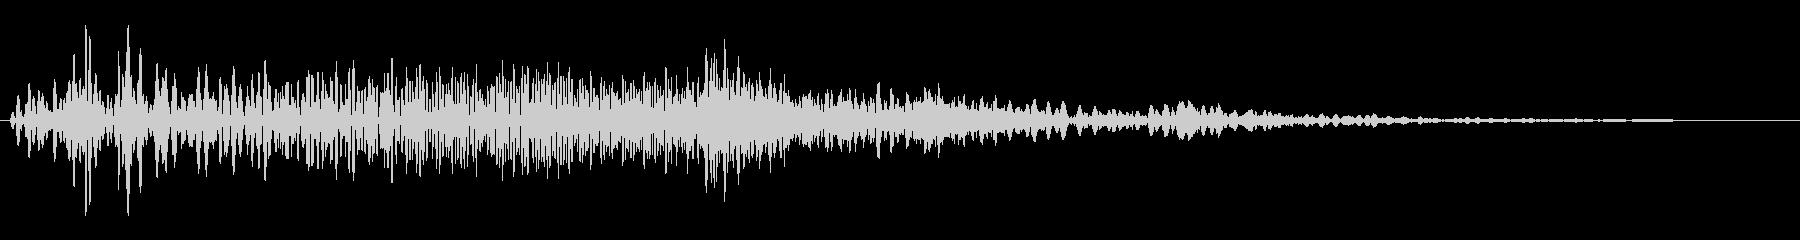 ブィーン (機械的な作動音)の未再生の波形